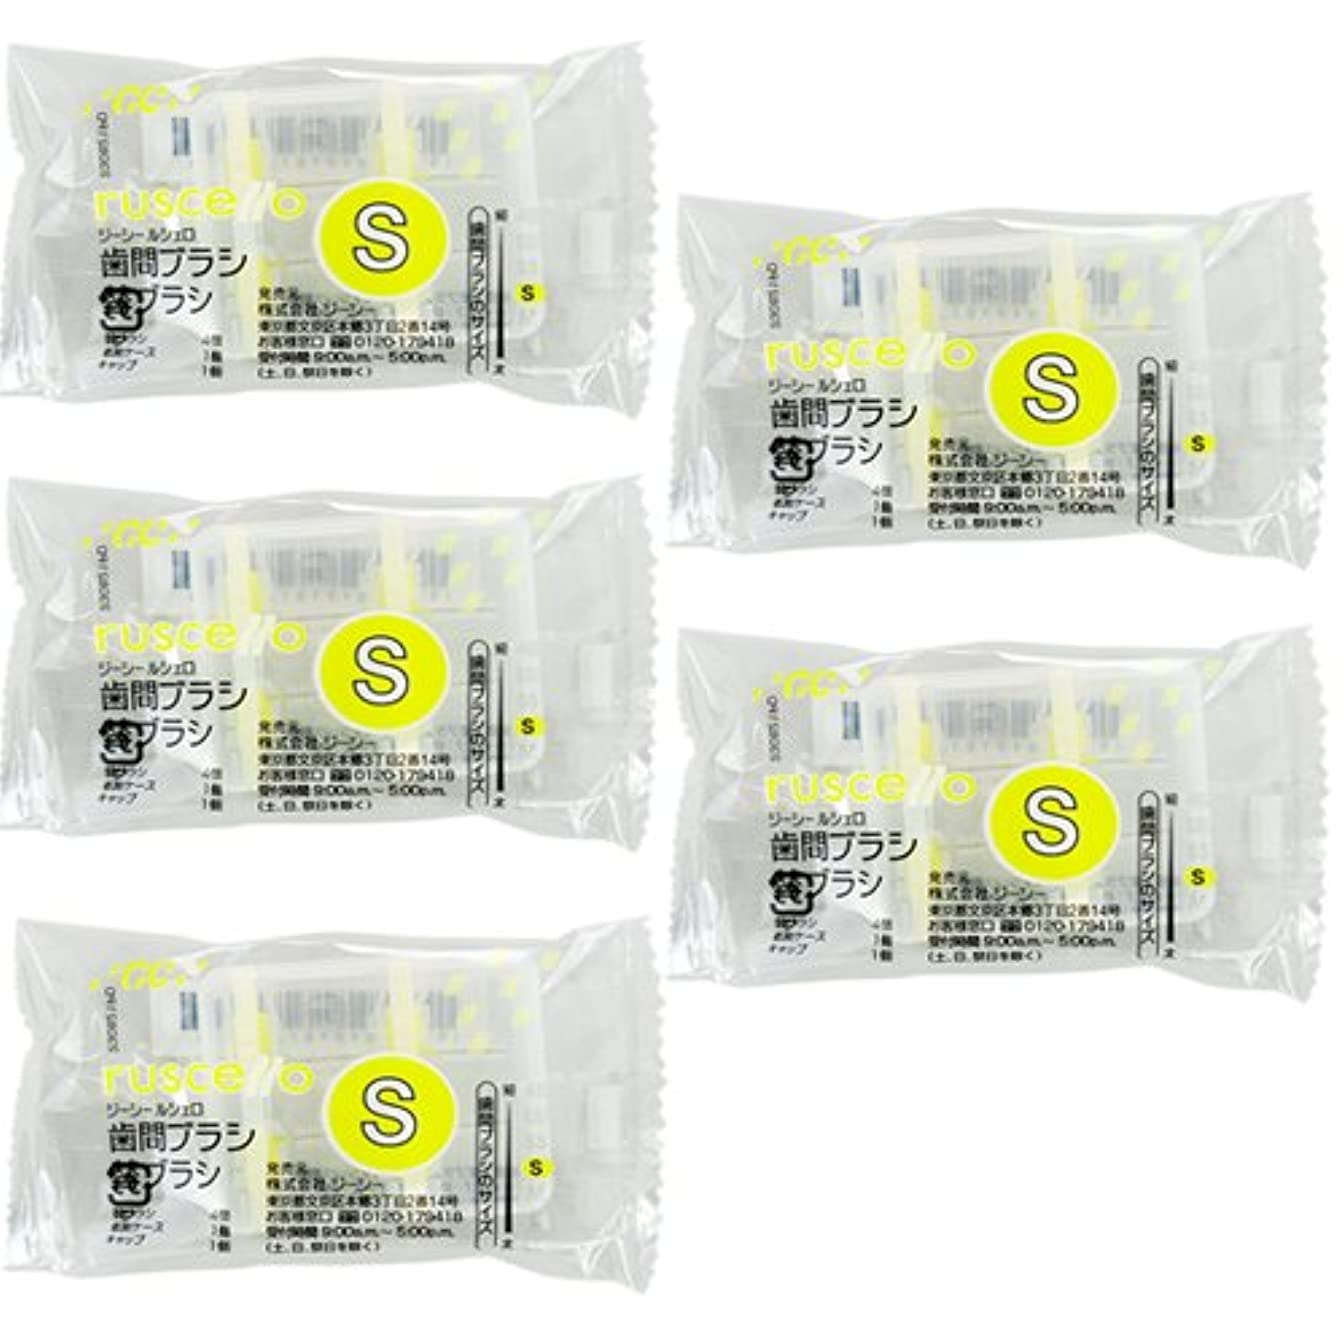 行商人予備タワーGC ジーシー ルシェロ歯間ブラシ 替えブラシ(4個入) × 5個セット S